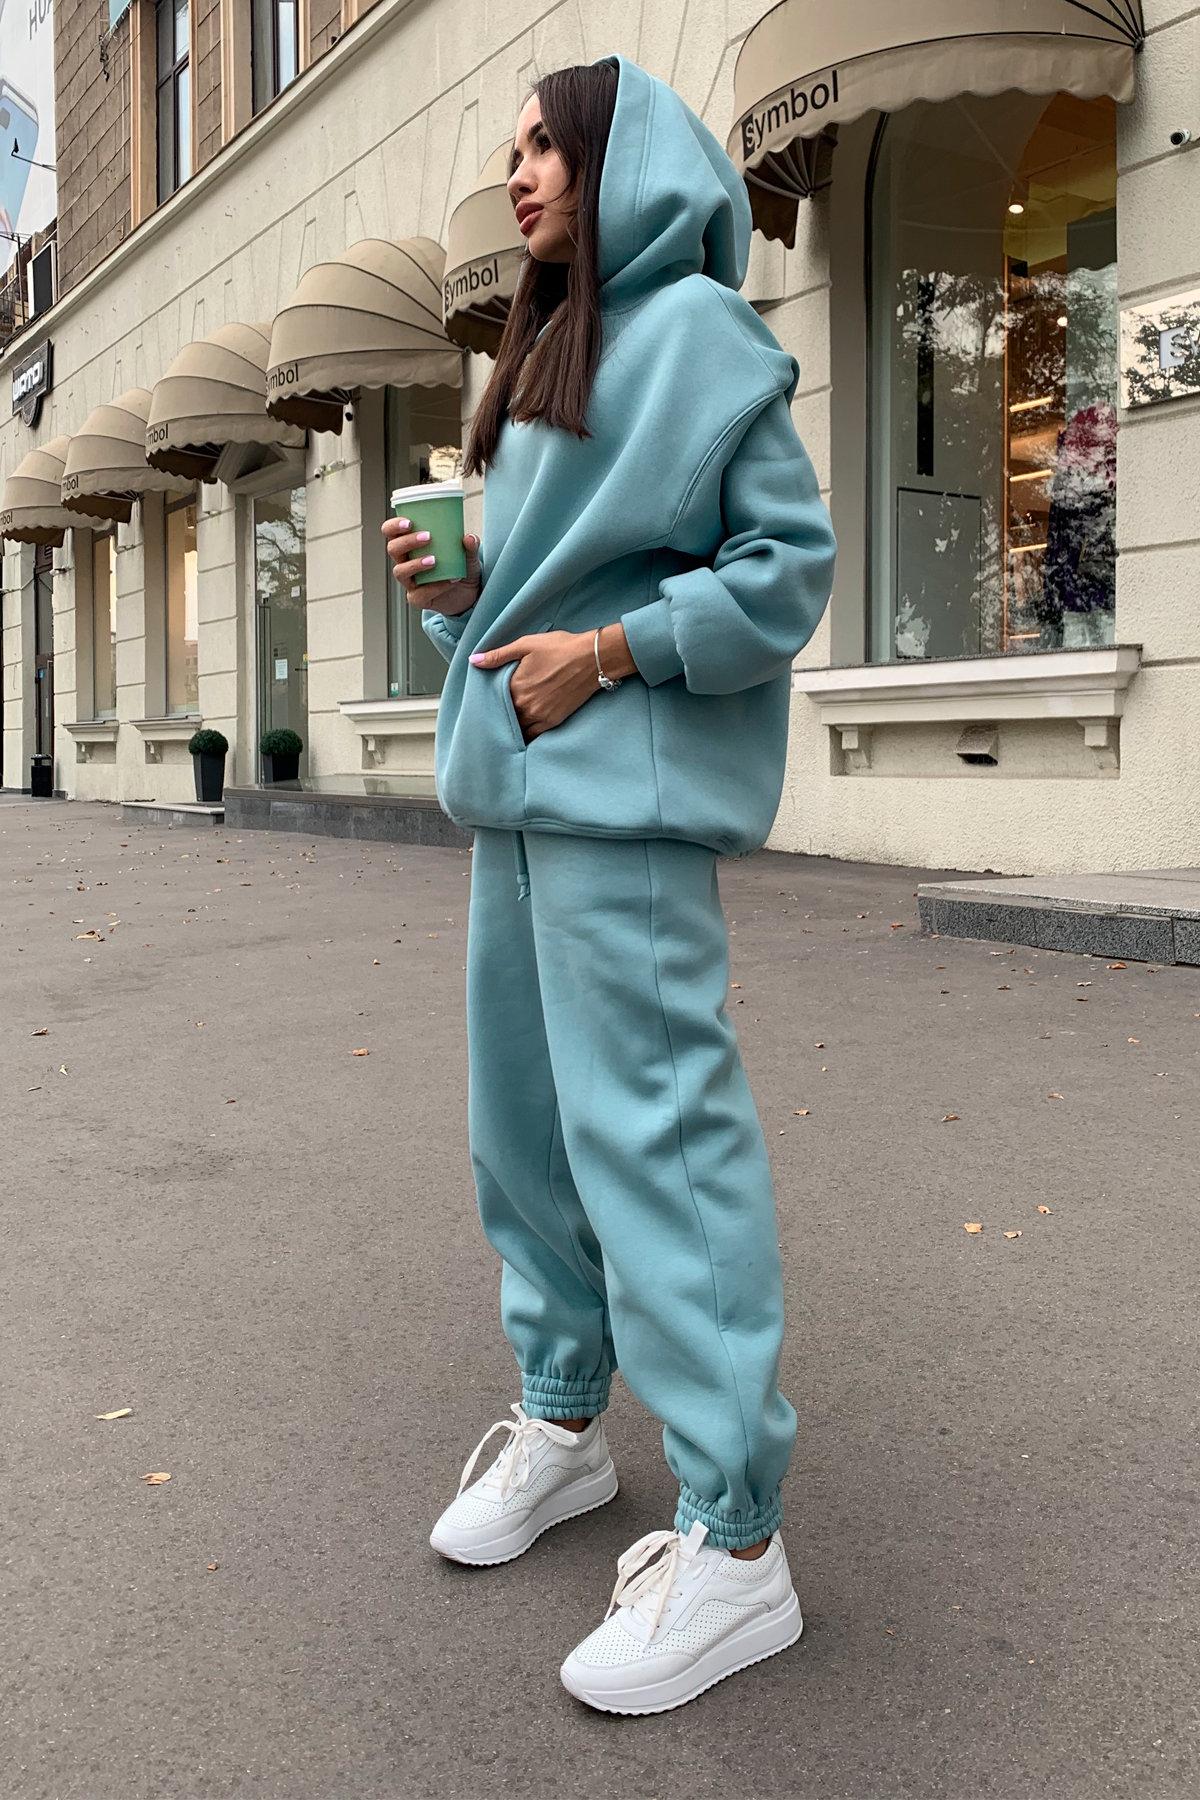 Марион костюм в  стиле Oversize  3х нитка 9651 АРТ. 45983 Цвет: Олива - фото 4, интернет магазин tm-modus.ru